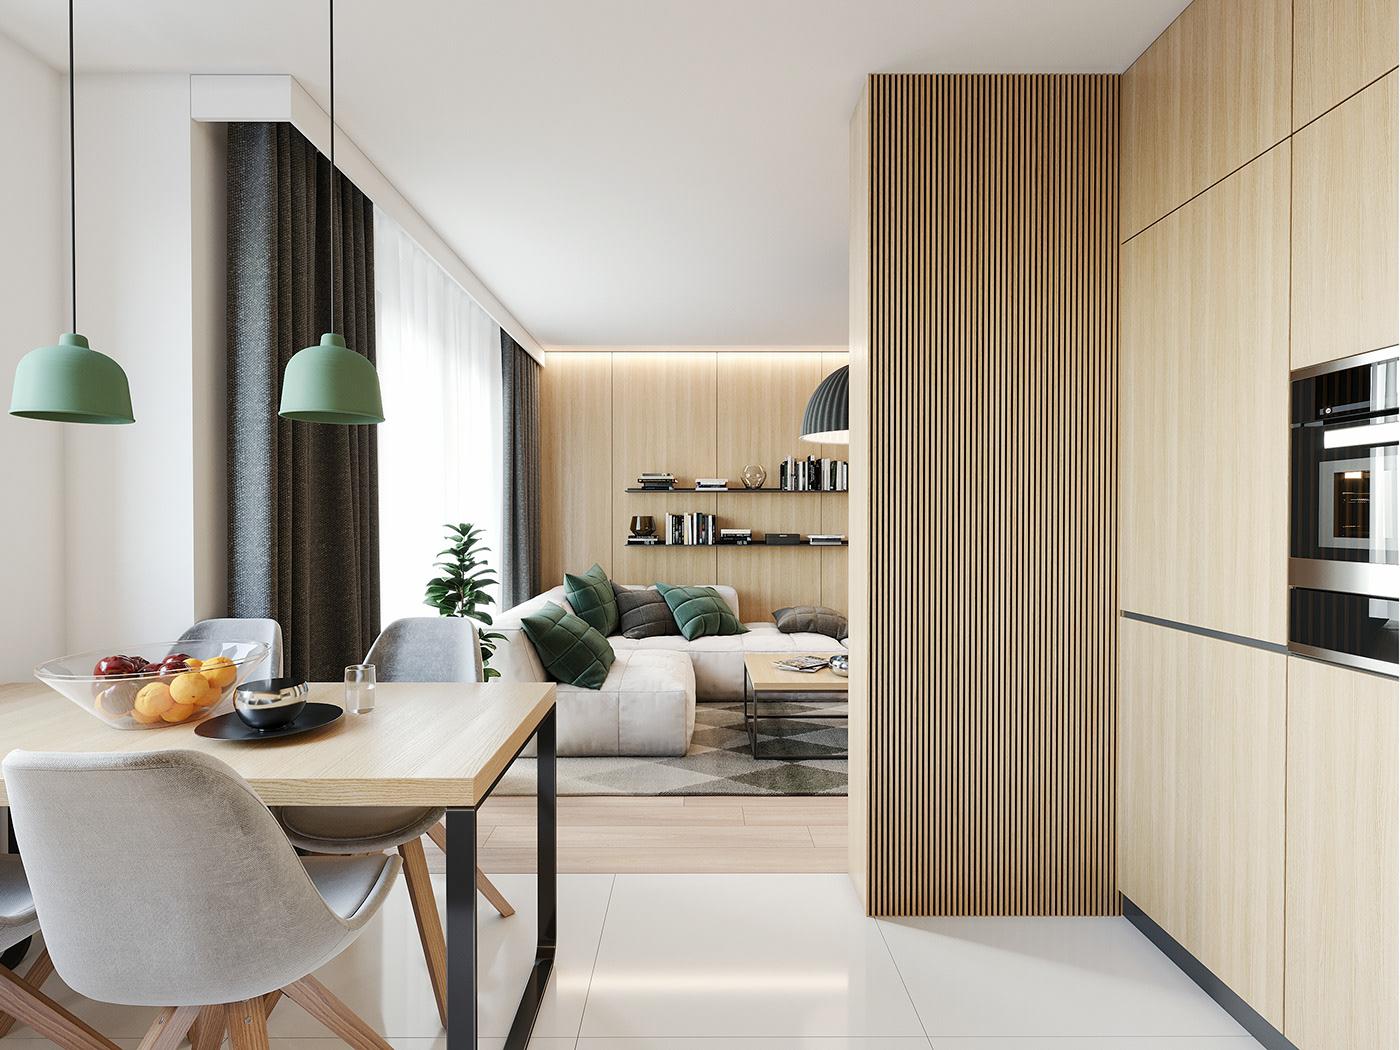 Tư vấn thiết kế căn hộ 90m² theo phong cách Scandinavian cho gia đình 3 người, chi phí 200 triệu - Ảnh 7.